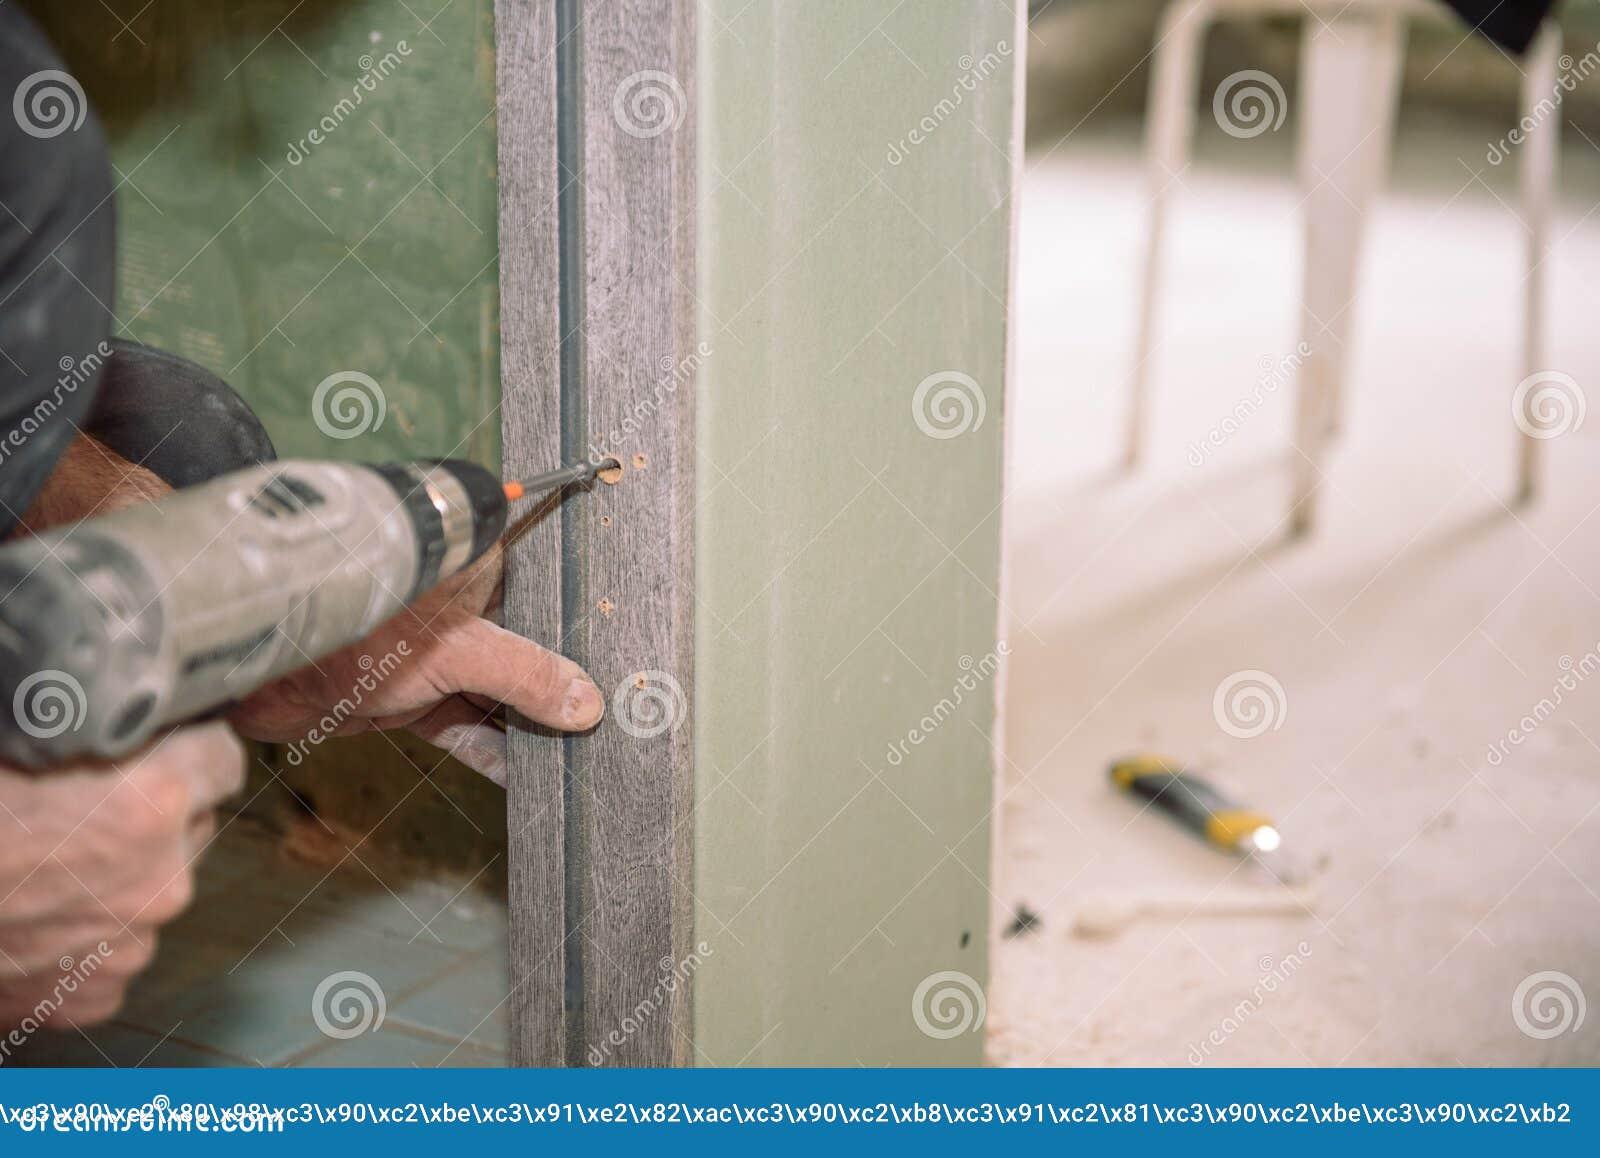 Serrez les vis Vissez les vis avec l outil Réparation dans l appartement Installation de porte Travail de serrurier